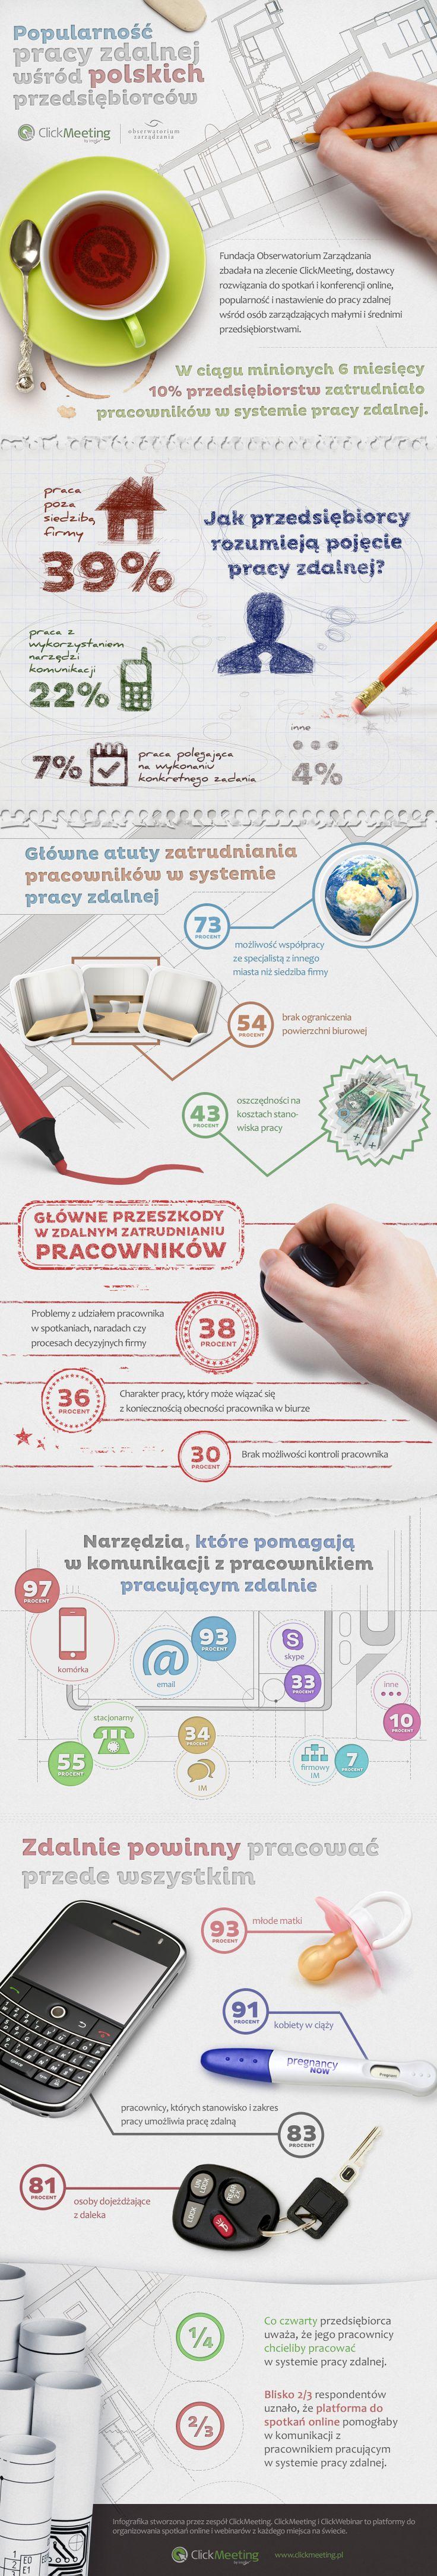 Czy polscy przedsiębiorcy pracują zdalnie? #infografika #praca #preser